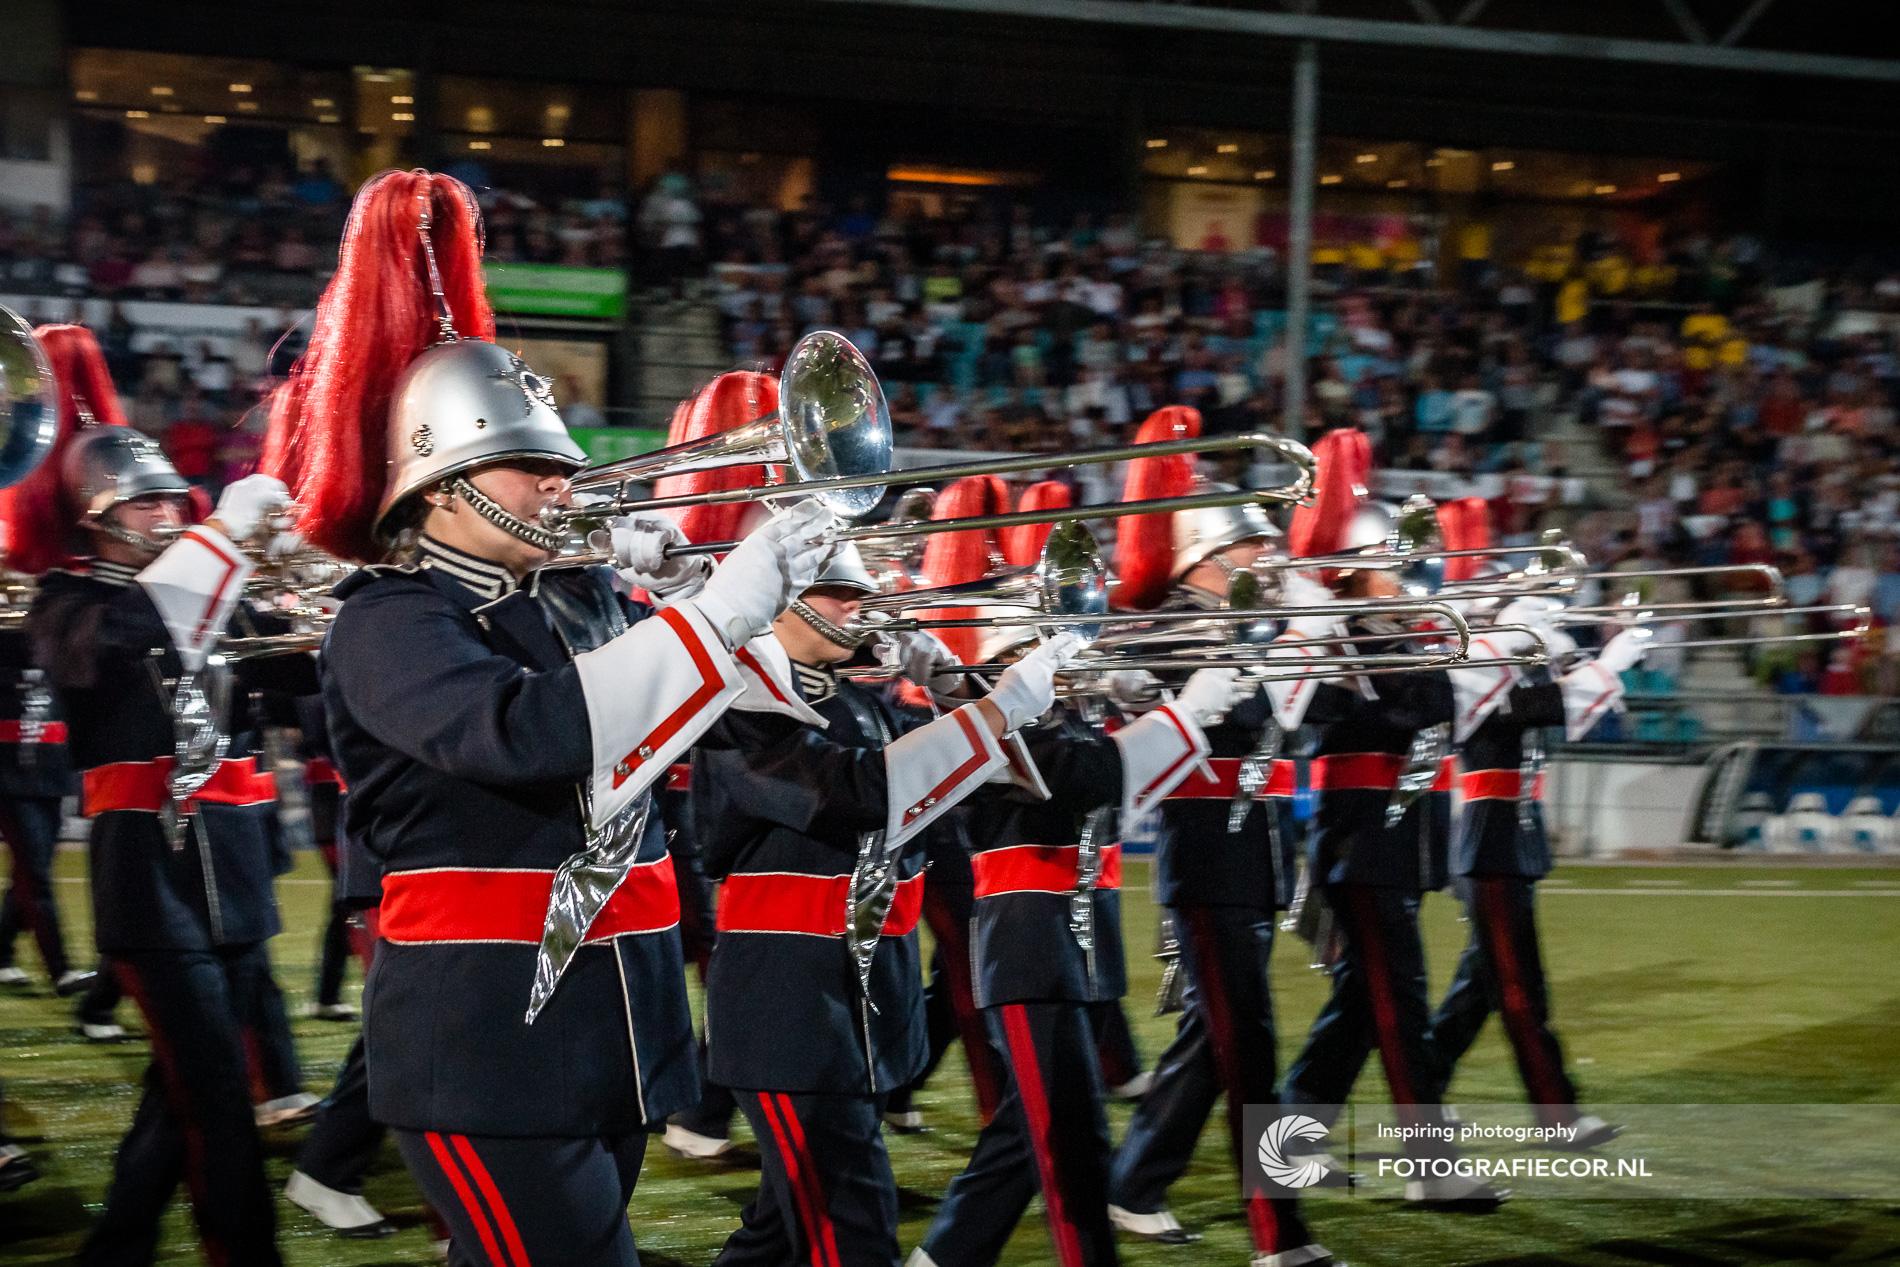 KTK | Kampen | Den Bosch | Taptoe | event fotografie | fotograaf | evenementen | muziek | concert | fotograaf